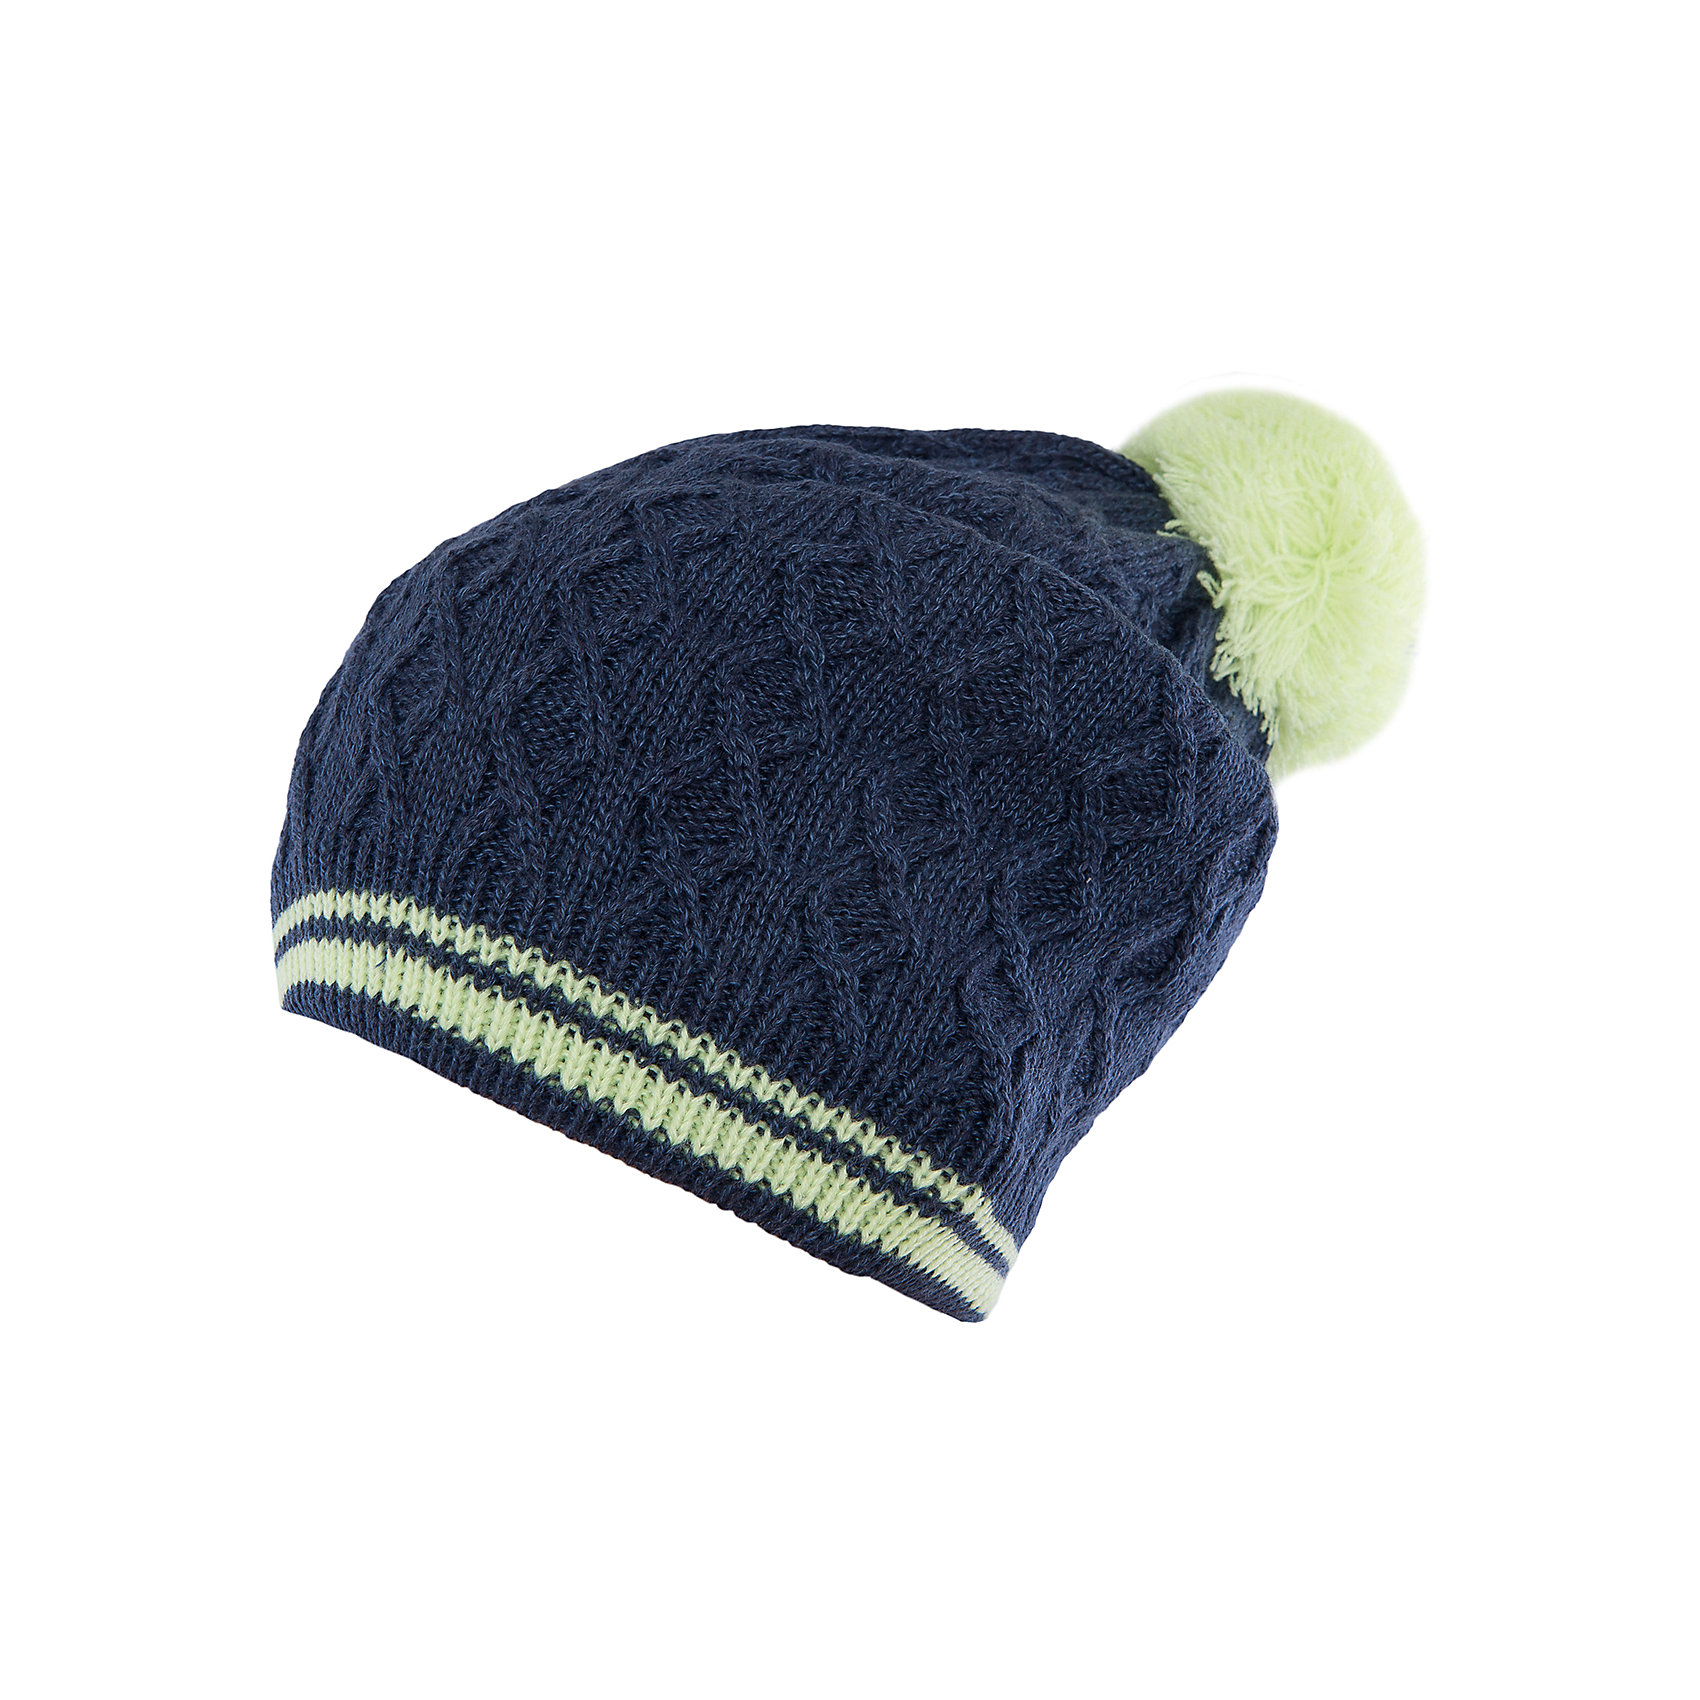 Шапка для девочки ScoolГоловные уборы<br>Характеристики:<br><br>• Вид одежды: шапка<br>• Пол: для девочки<br>• Сезон: демисезонная (до -5 градусов)<br>• Материал: акрил – 100% <br>• Цвет: темно-синий<br>• Особенности ухода: ручная стирка без применения отбеливающих средств<br><br>Scool – это линейка детской одежды и обуви, которая предназначена как для повседневности, так и для праздников. Большинство моделей выполнены в классическом стиле, сочетающем в себе традиции с яркими стильными элементами и аксессуарами. Весь ассортимент одежды и обуви Scool сочетается между собой по стилю и цветовому решению, поэтому Вам будет легко сформировать гардероб вашего ребенка, который отражает его индивидуальность. <br>Шапка для девочки Scool выполнена из двухслойного трикотажа, который вывязан акрилом. Изделие имеет фактурную вязку, выполнено в темно-синем цвете, имеются яркие элементы: помпон лимонного цвета и двойная полоска на резинке. Шапка легка в уходе, благодаря акриловым ниткам она хорошо держит форму, не скатывается и не изменяет цвет. Шапка для девочки Scool, – это идеальный вариант для прохладной осенне-весенней погоды!<br><br>Шапку для девочки Scool, можно купить в нашем интернет-магазине.<br><br>Ширина мм: 89<br>Глубина мм: 117<br>Высота мм: 44<br>Вес г: 155<br>Цвет: белый<br>Возраст от месяцев: 72<br>Возраст до месяцев: 84<br>Пол: Женский<br>Возраст: Детский<br>Размер: 54,56<br>SKU: 4912111